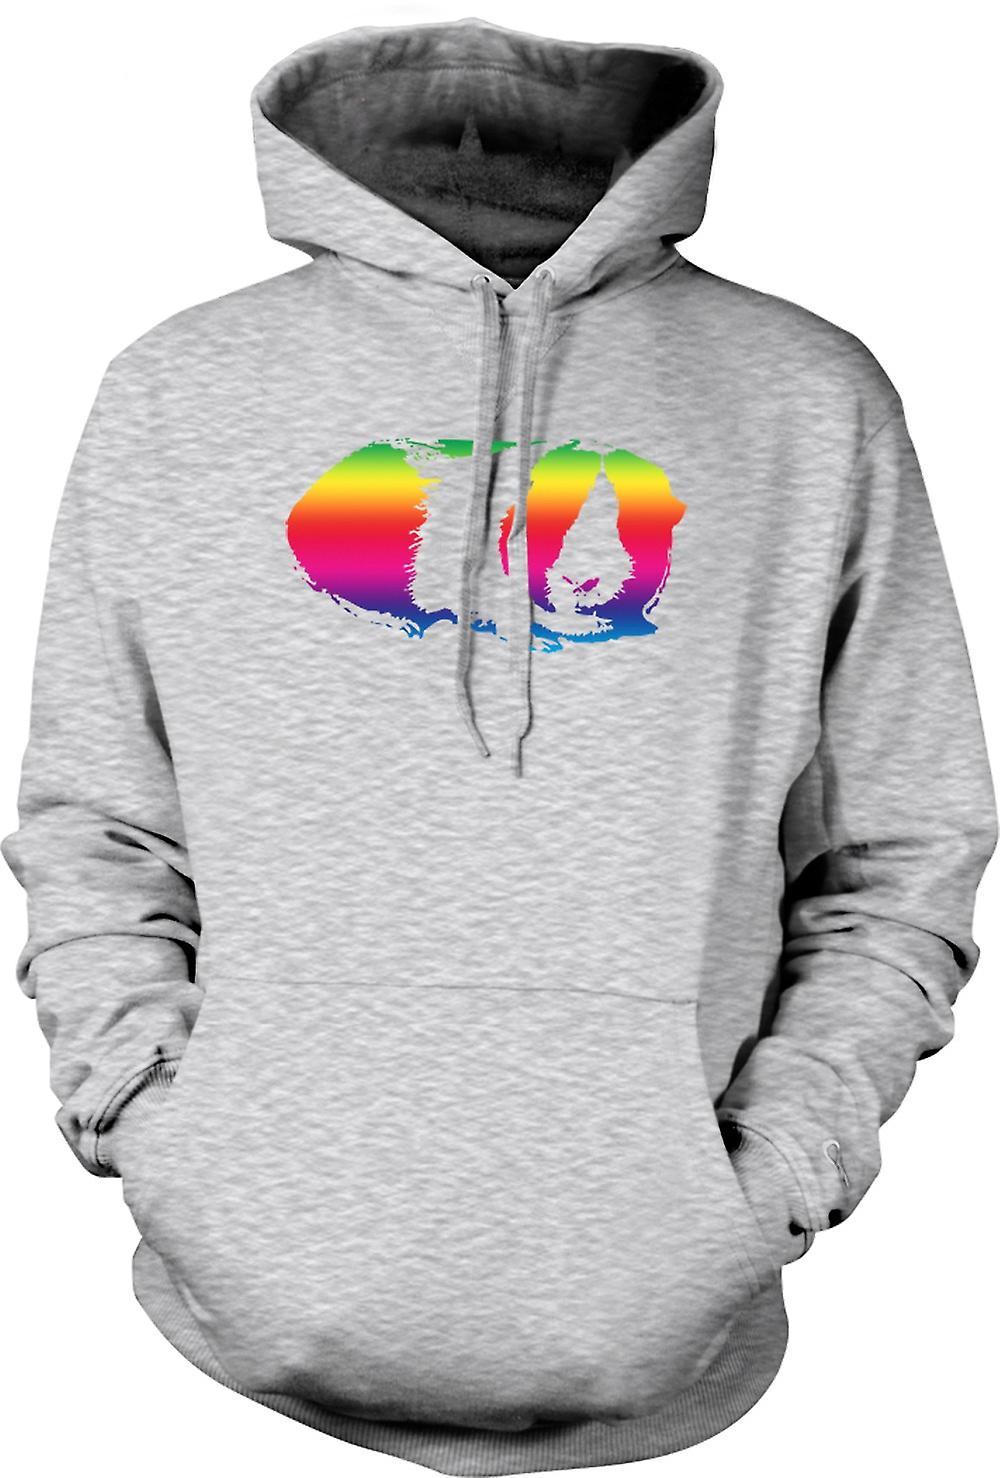 Mens Hoodie - Guinea Pig Rainbow